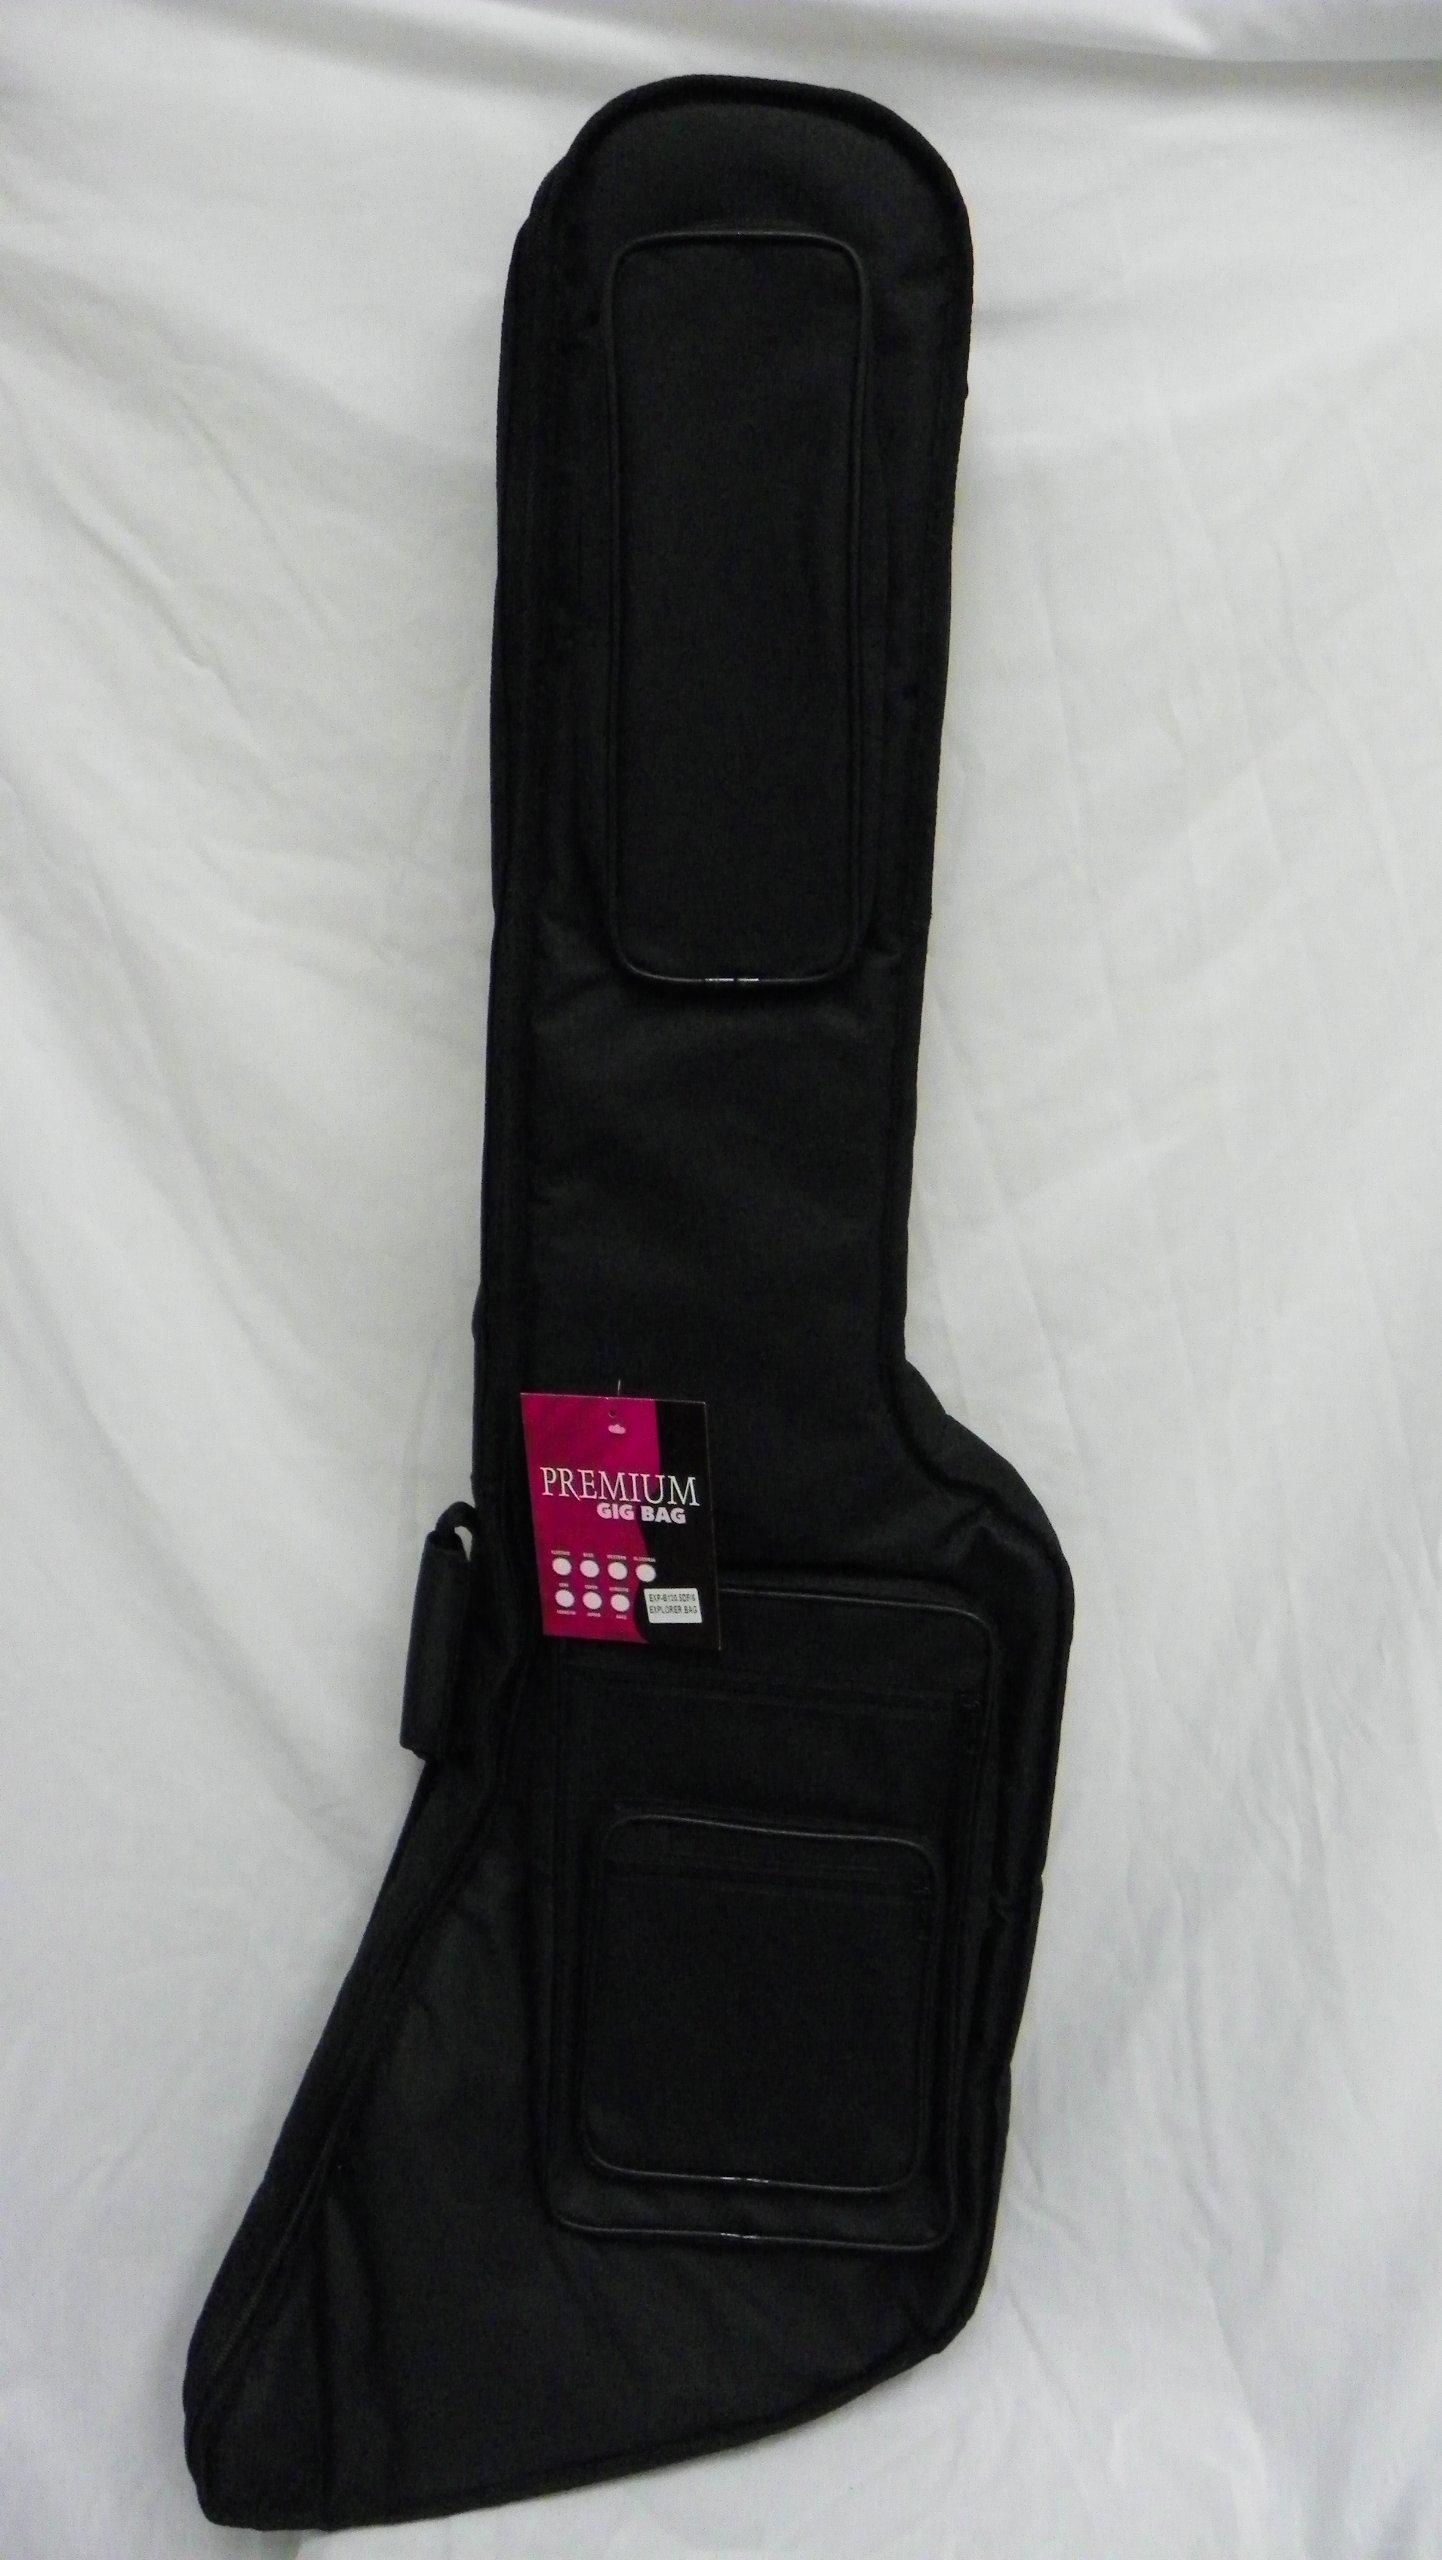 Extra Thick Explorer Bass Guitar Gig Bag /soft case